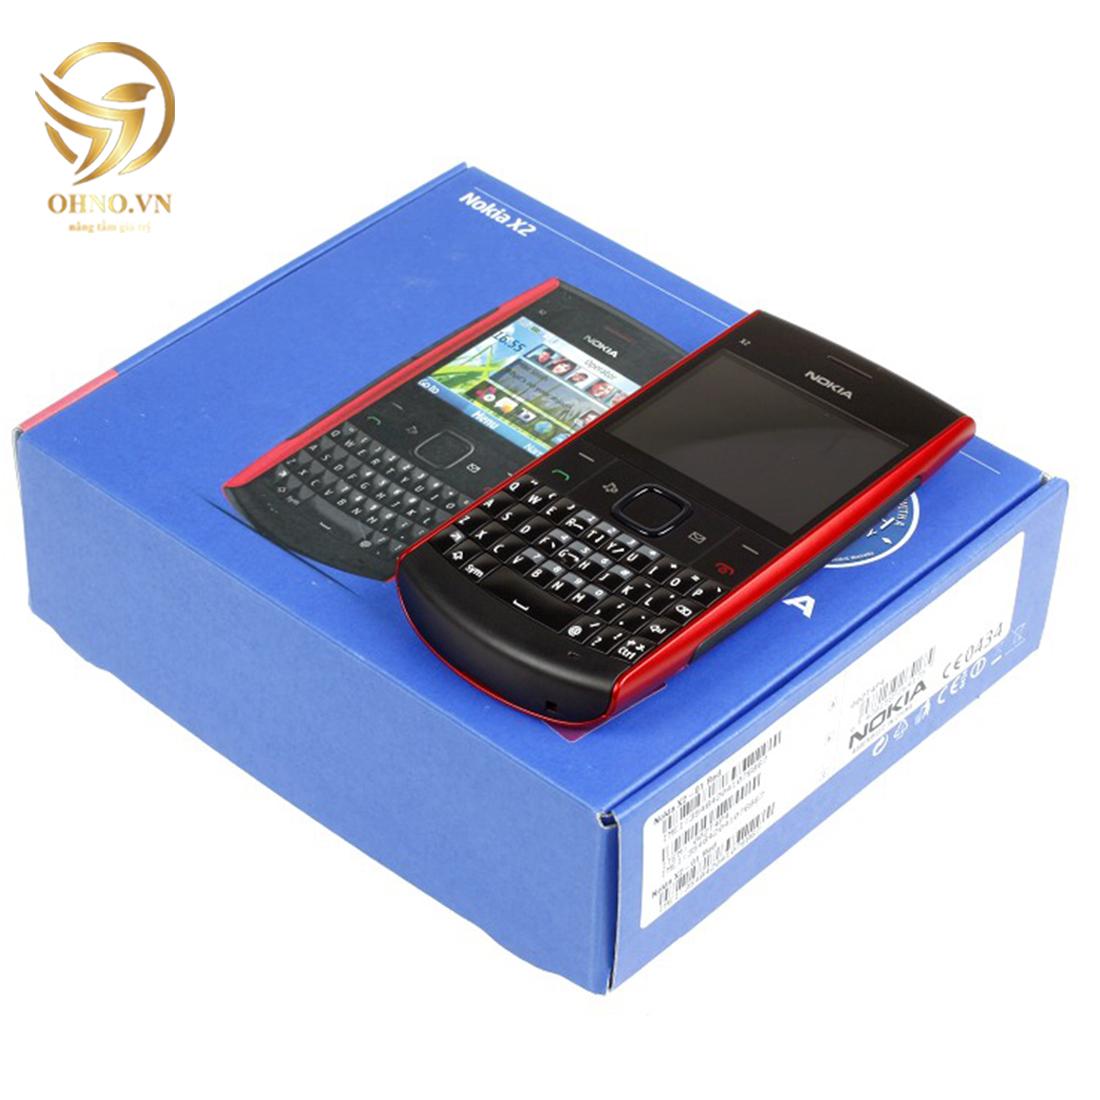 điện thoại nokia bàn phím qwerty chính hãng x2 01 cũ